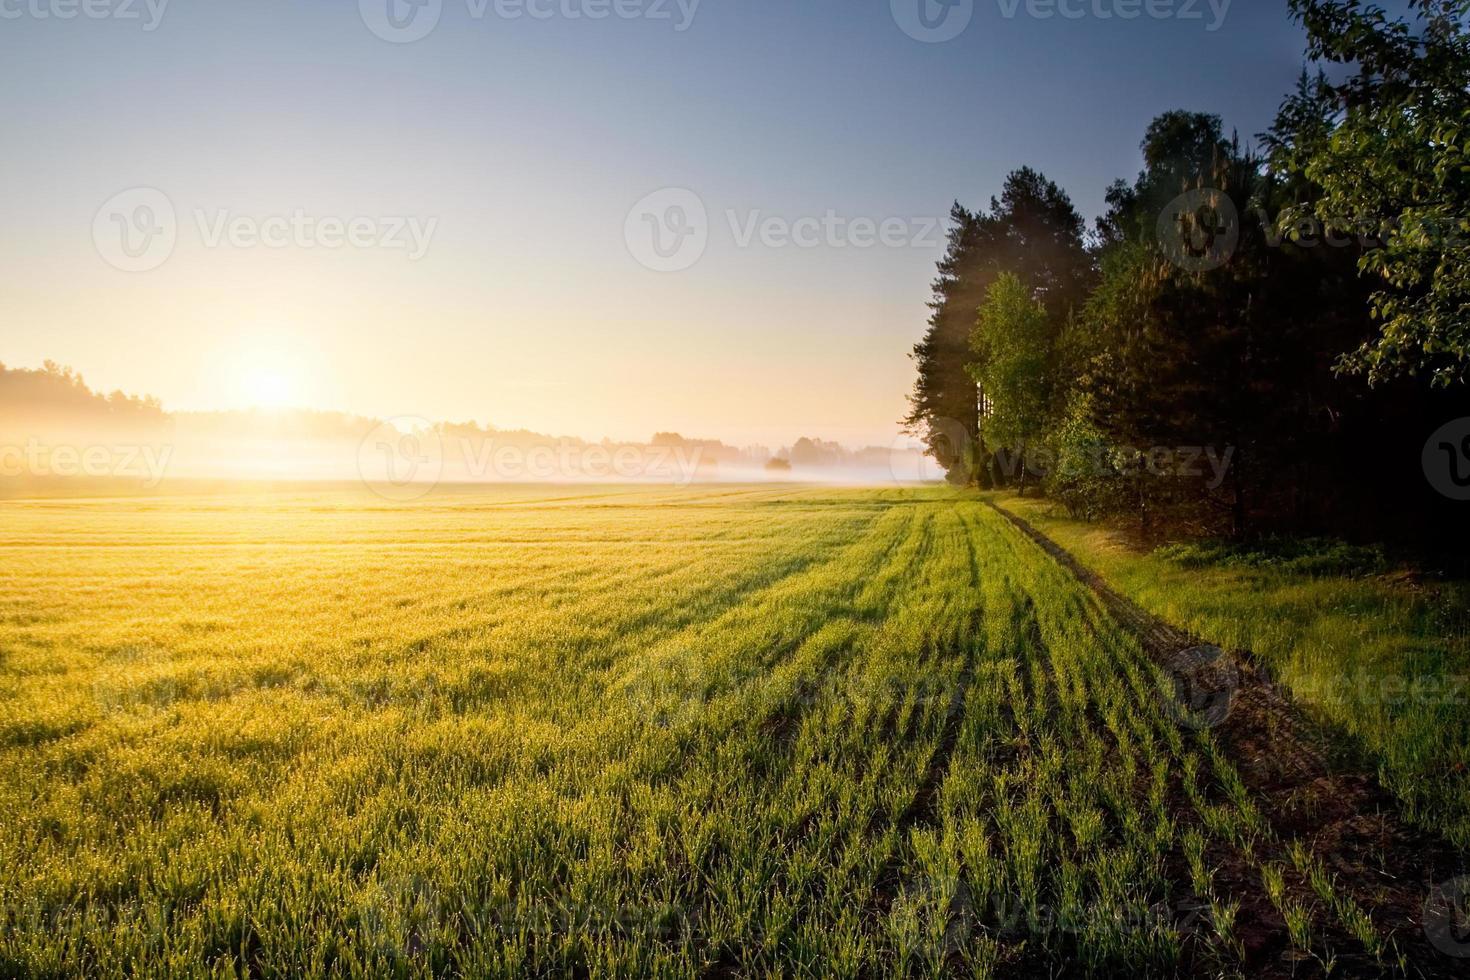 bellissimo tramonto sul prato nebbioso foto